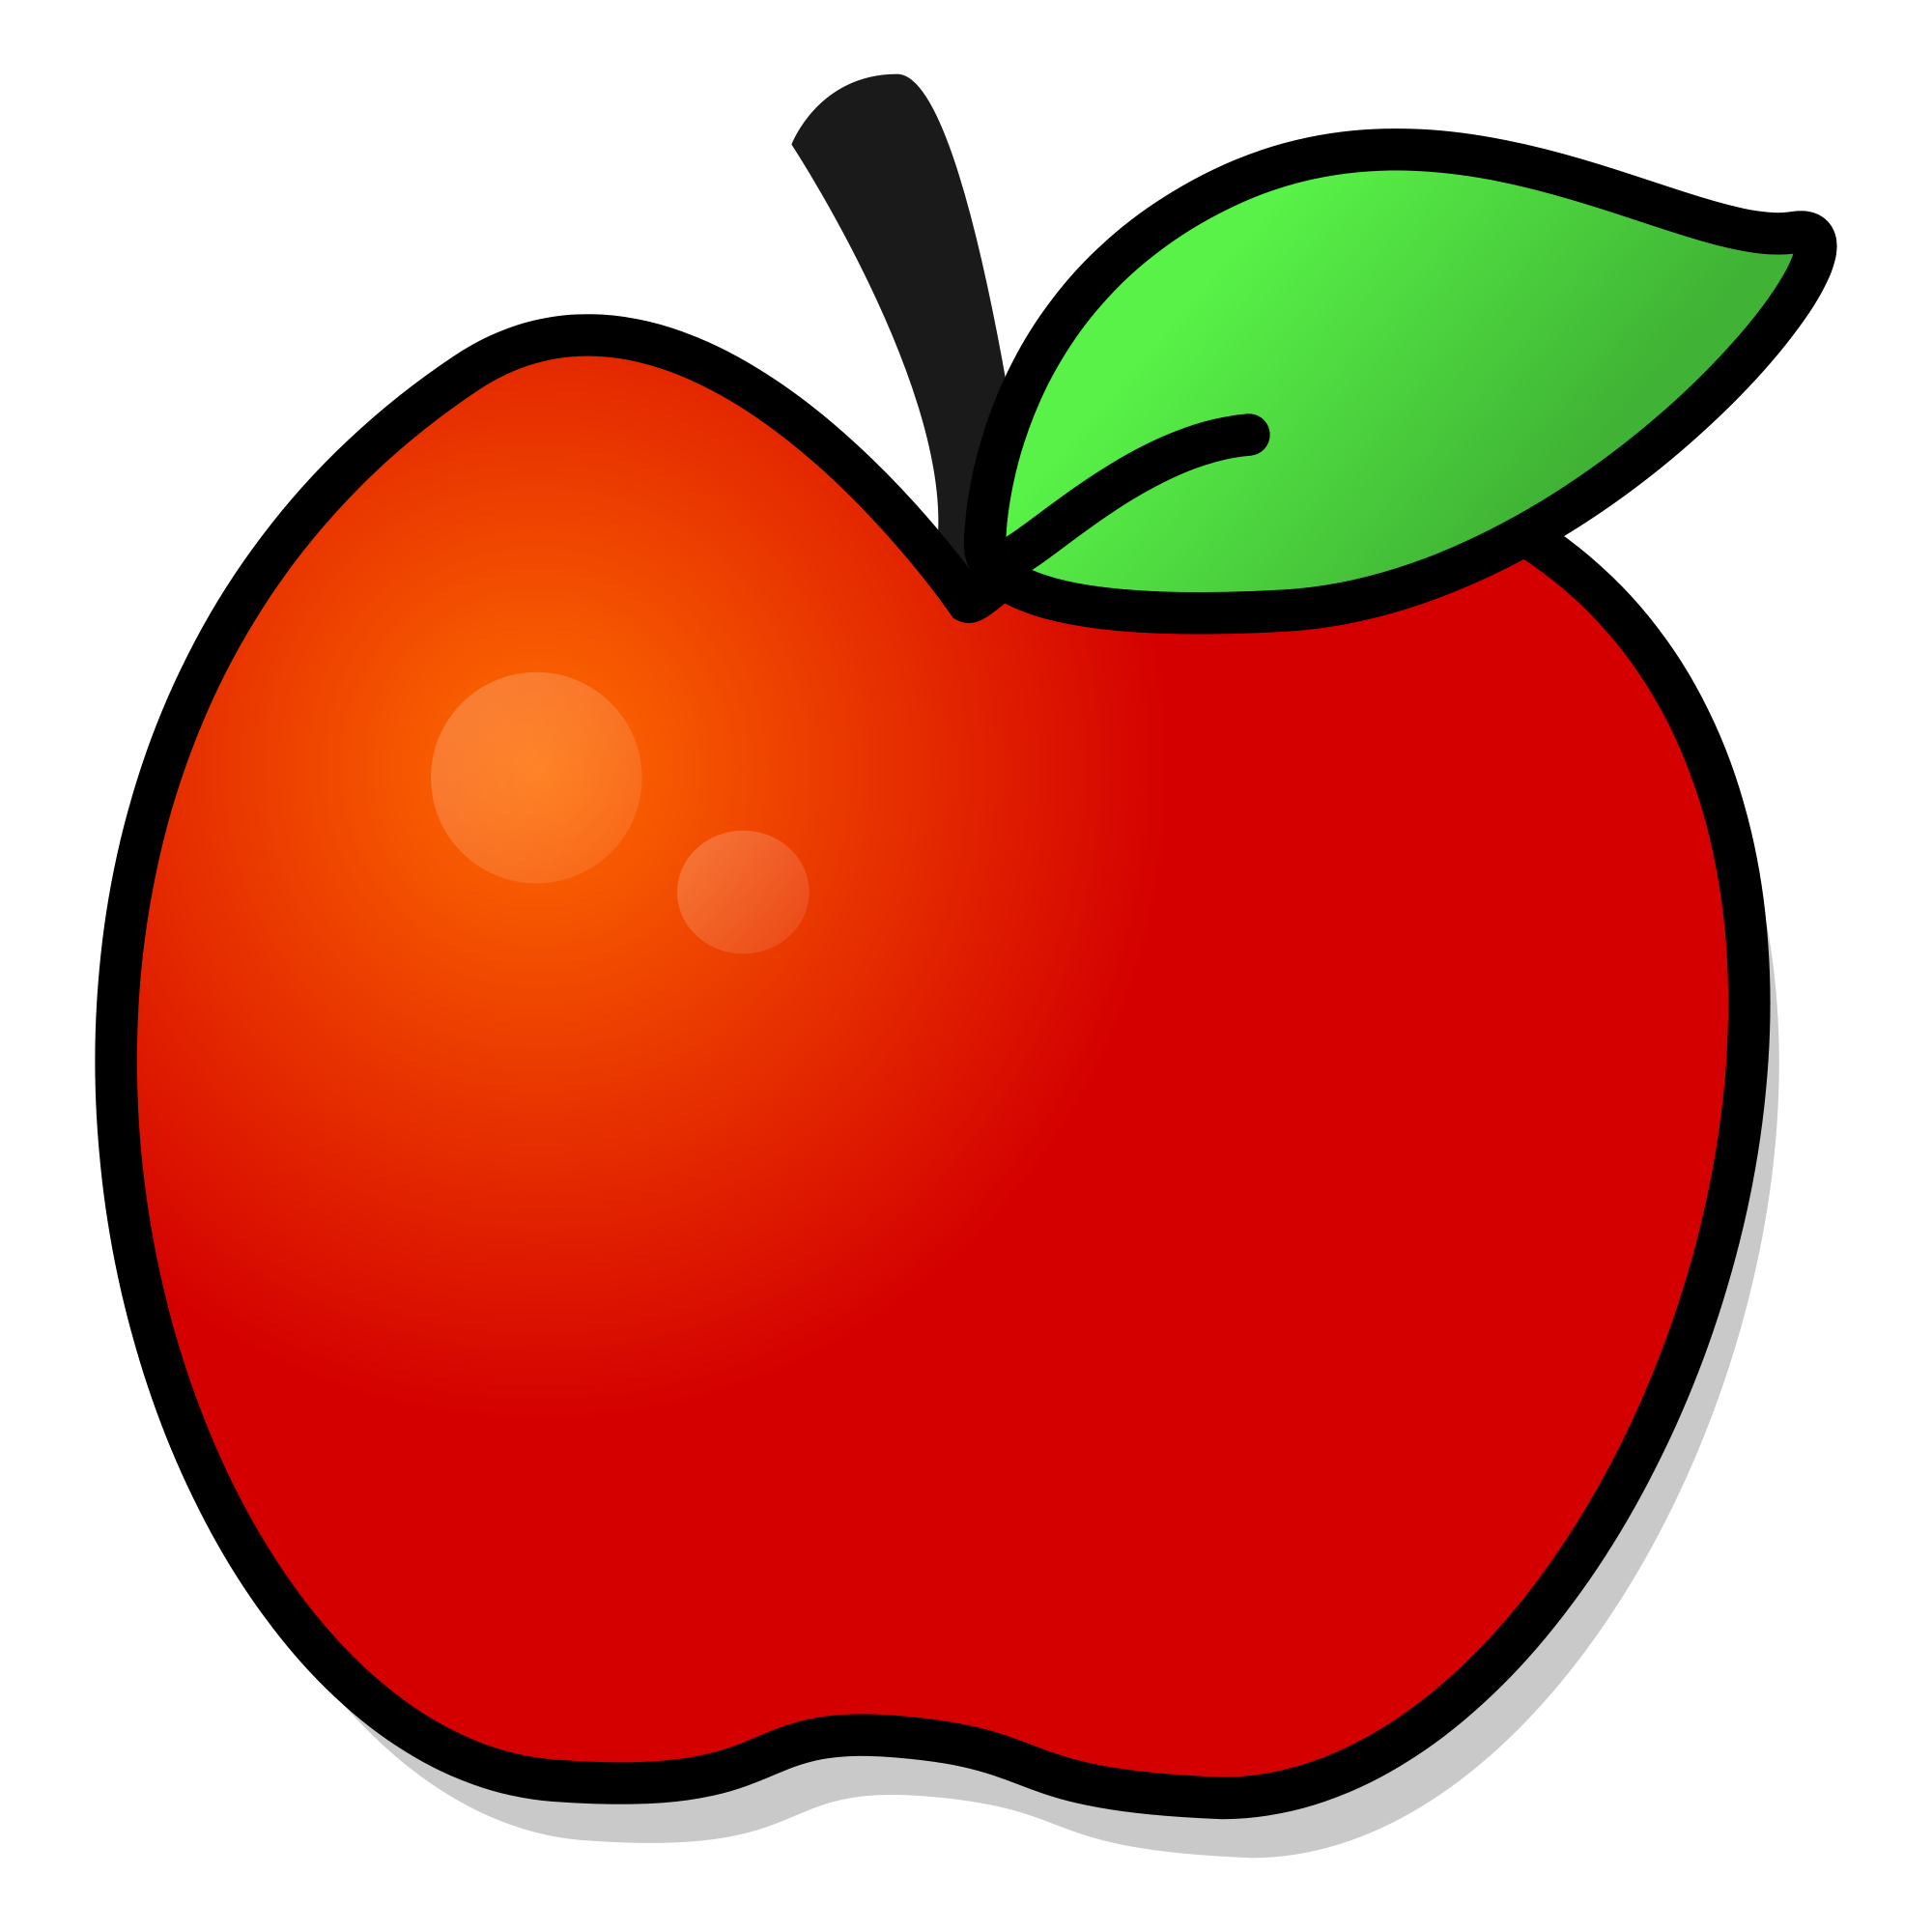 Картинки яблоко для детей по математике